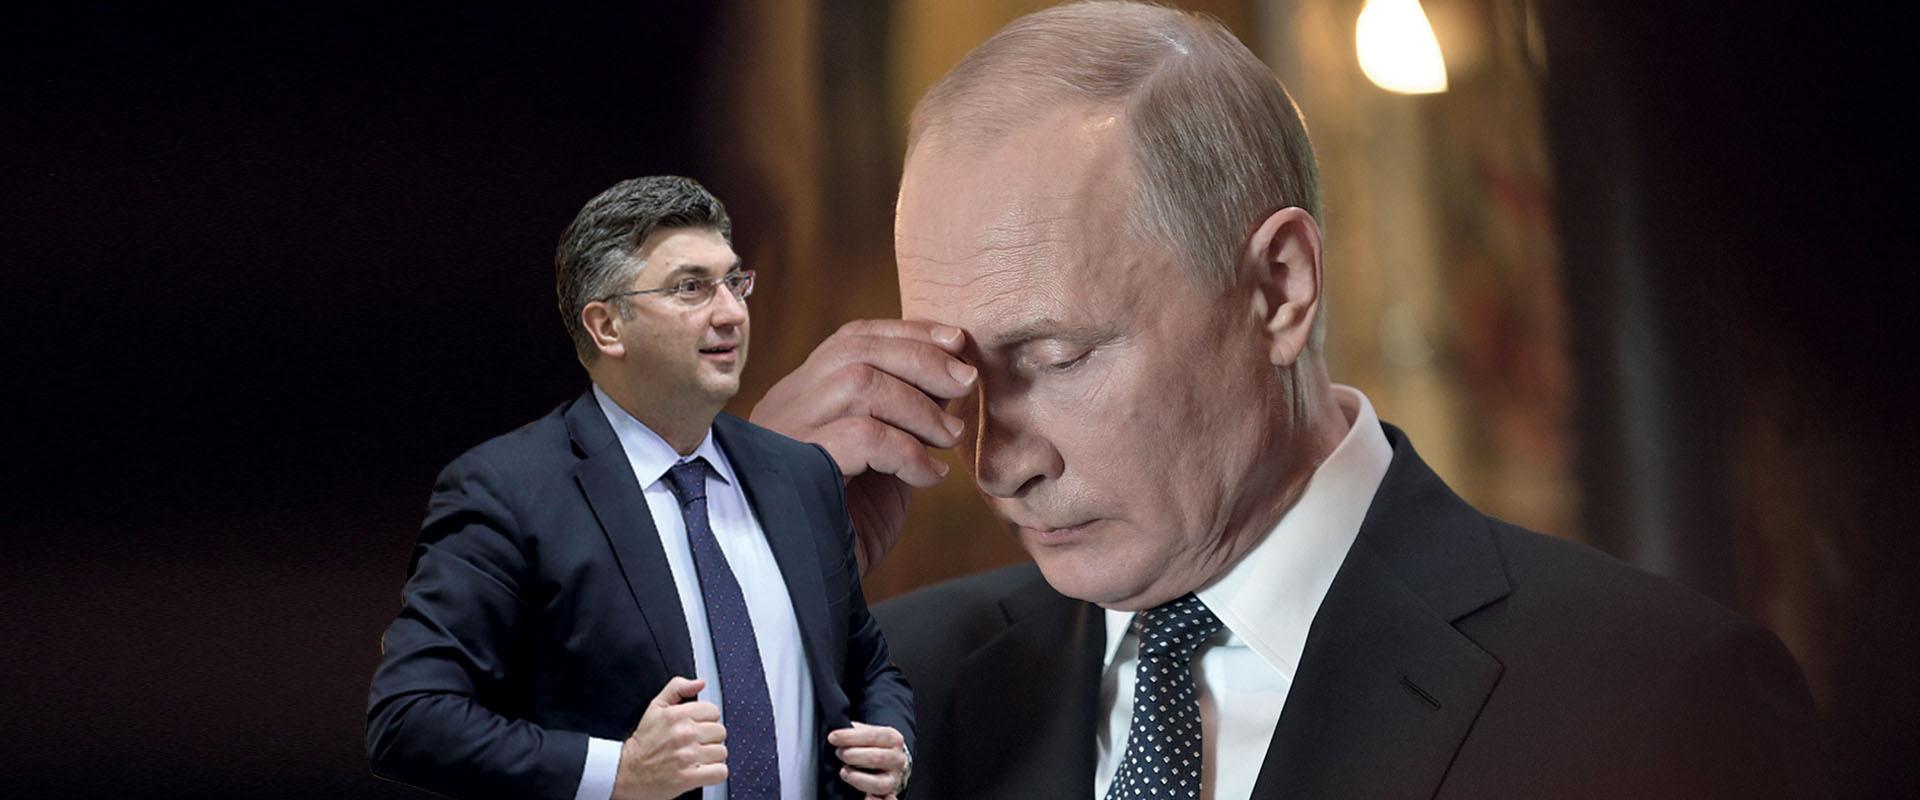 EKSKLUZIVNO Plenković uzrujao Putina jer ignorira ruske ponude investicija